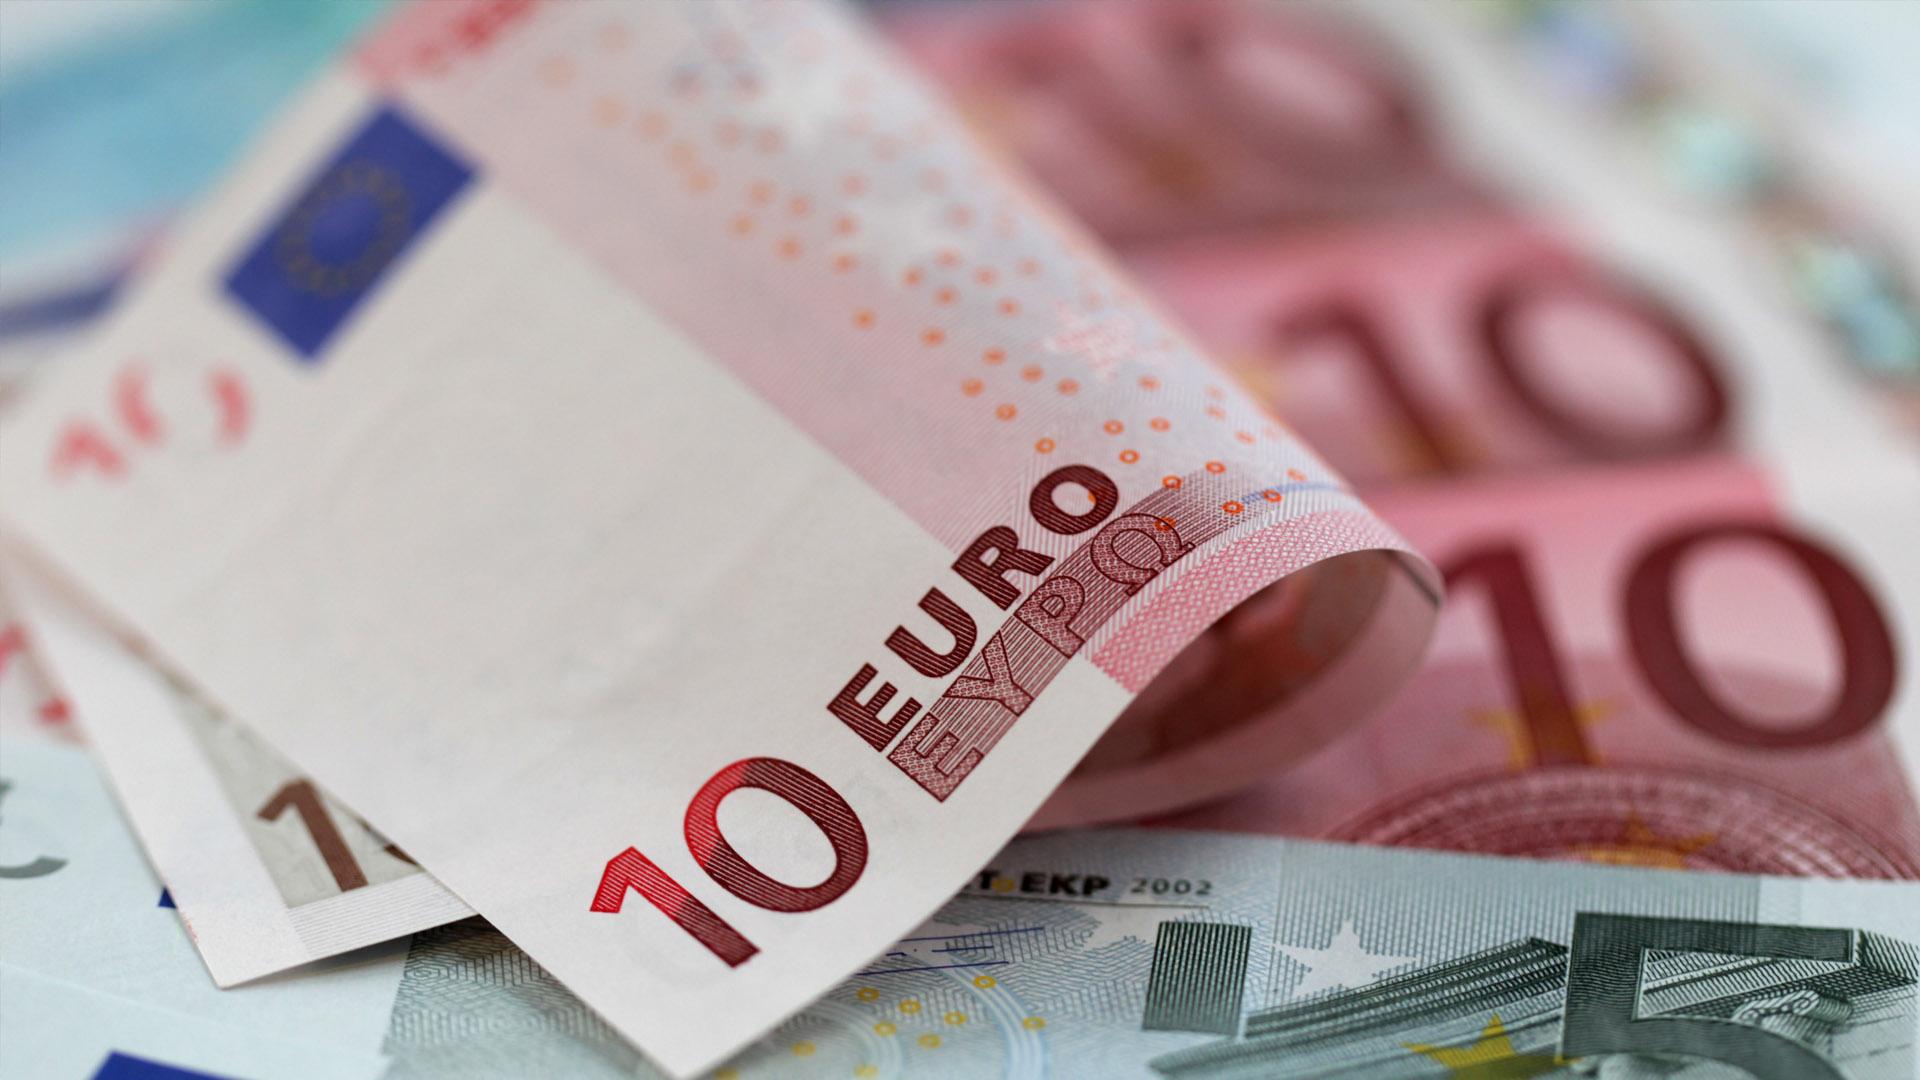 El Gobierno alemán, junto a otras instituciones financieras, indicaron que la economía local subirá hasta el 1,8%